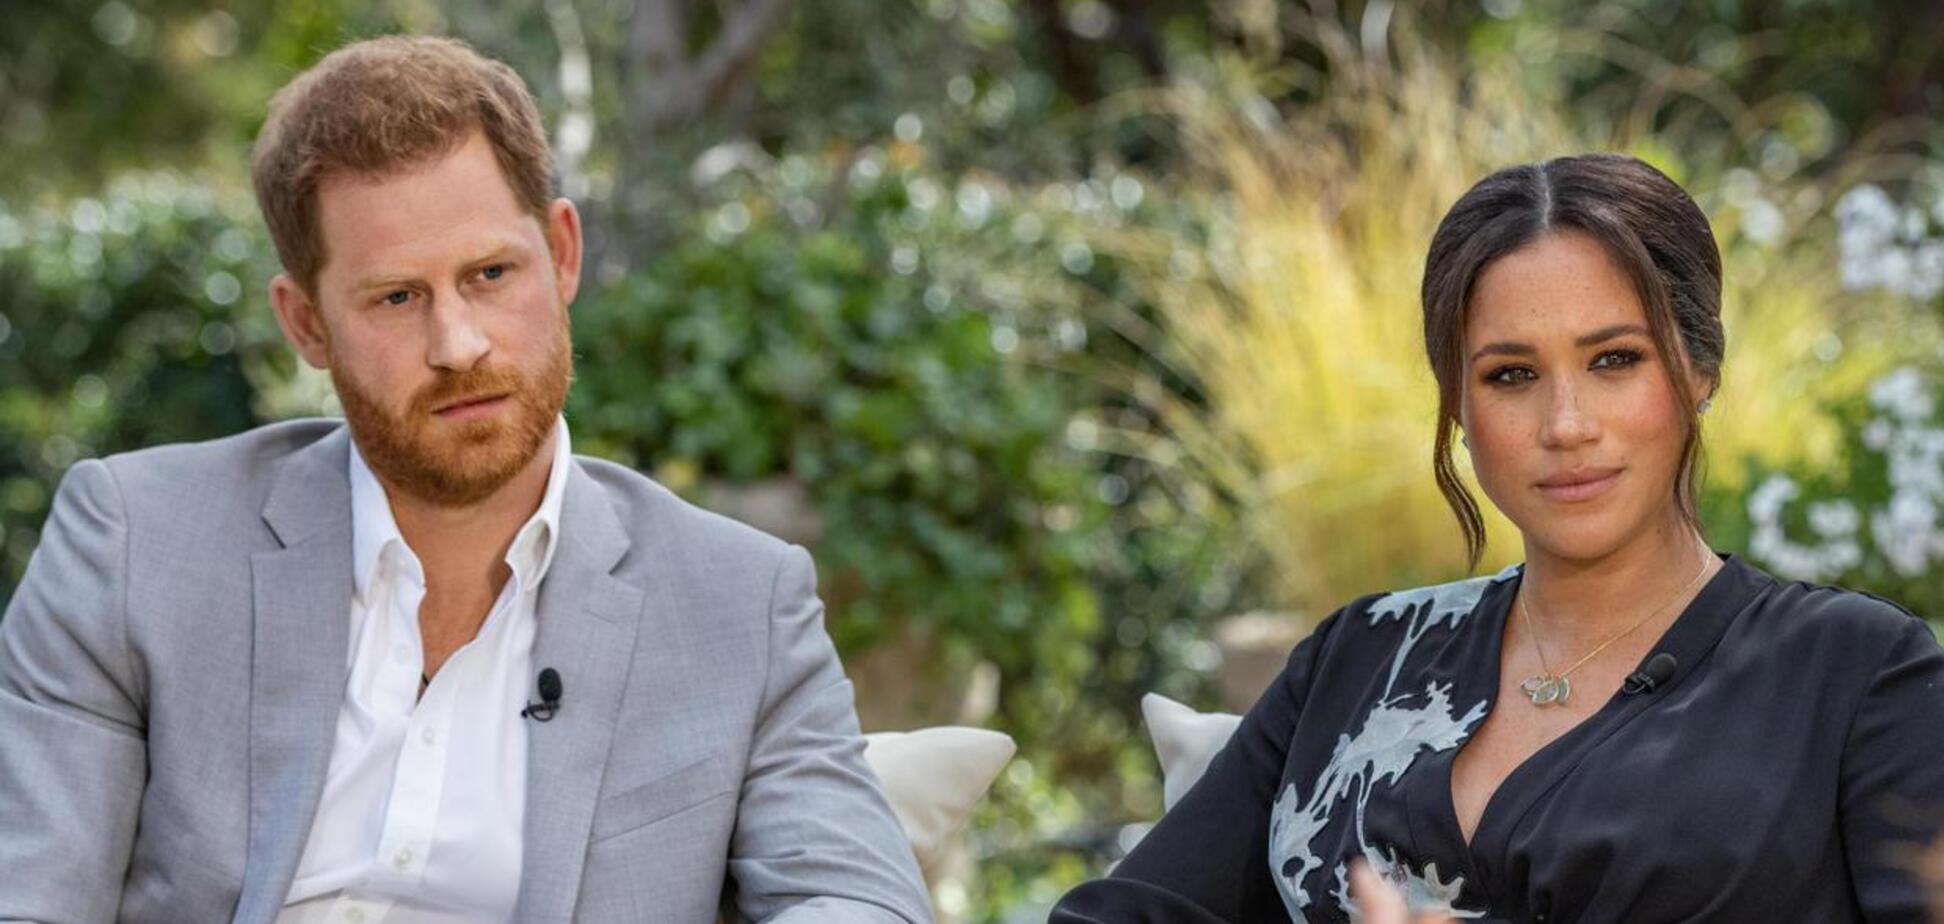 Меган Маркл поскаржилася на расизм у королівській родині